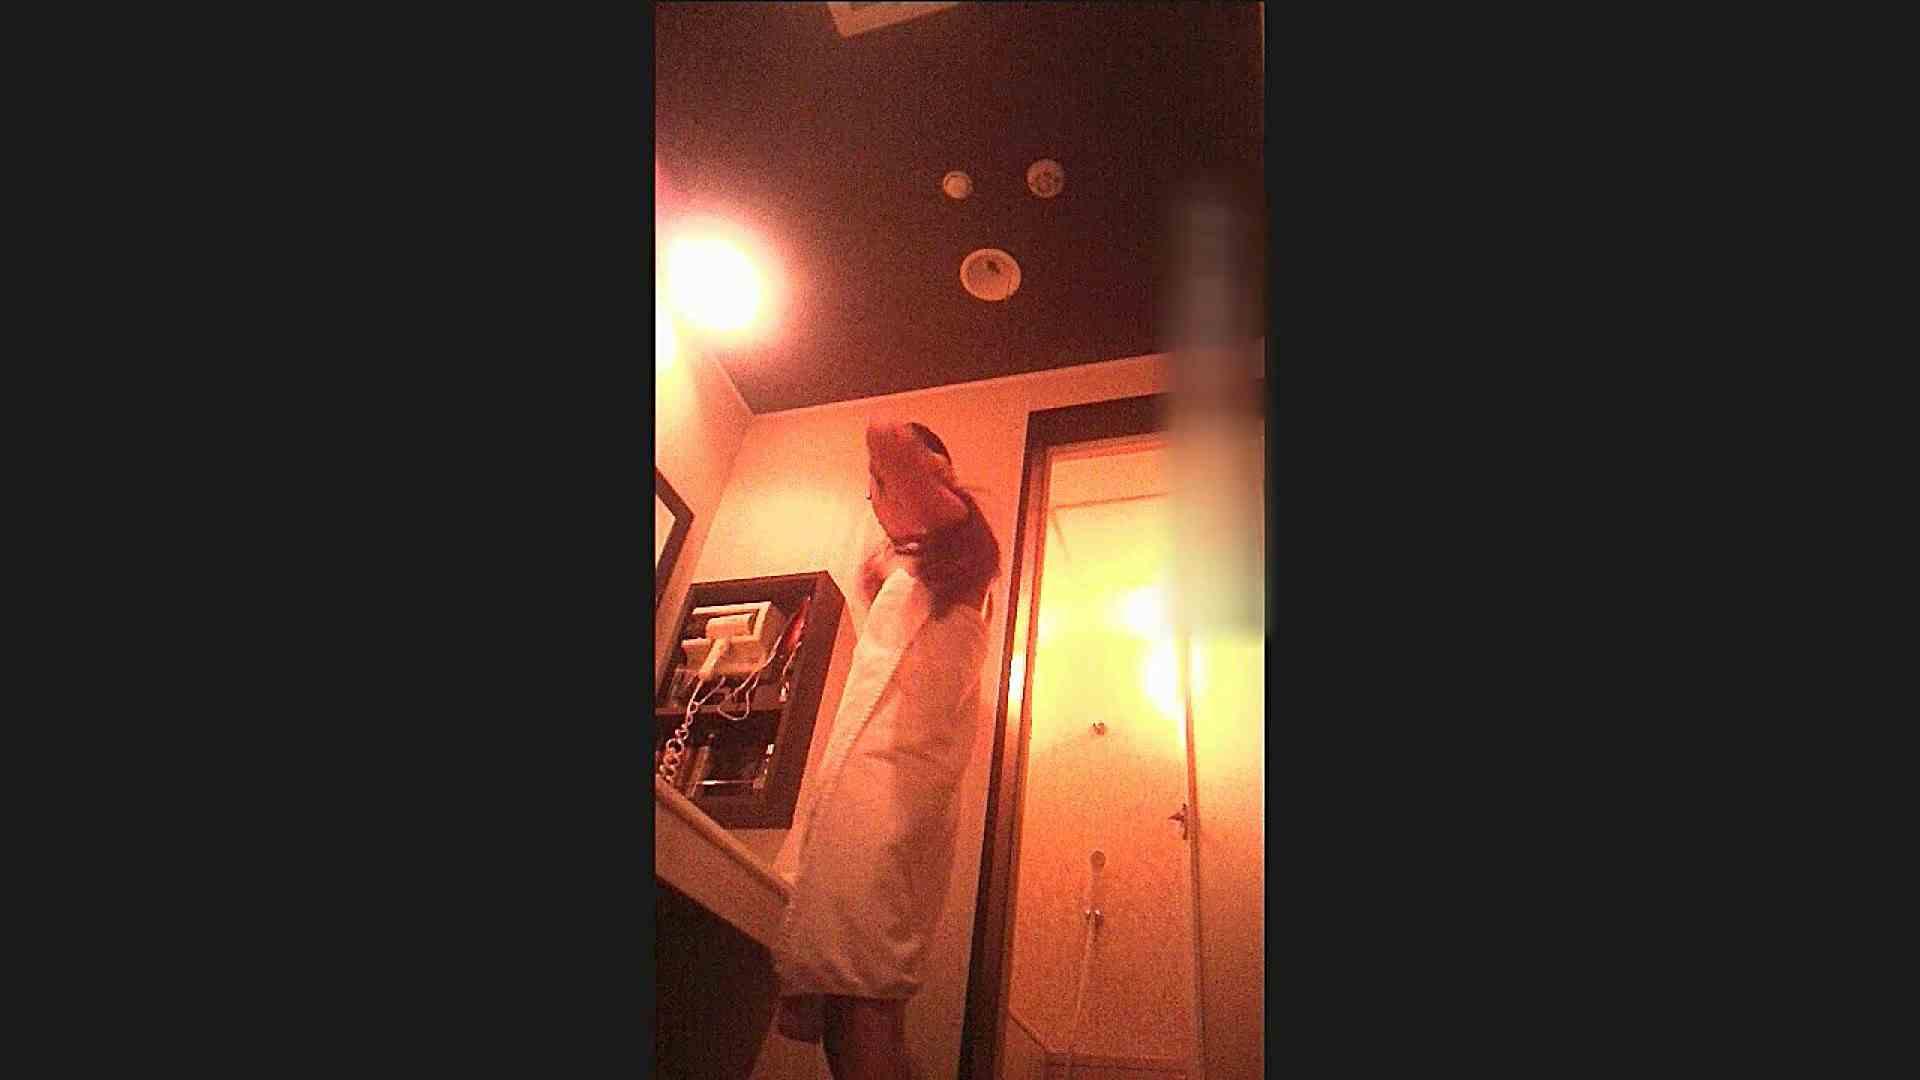 厚化粧はこの日だけ。。 ひまるちゃん Vol. 20  脱衣編 お嬢様の実態  26pic 3